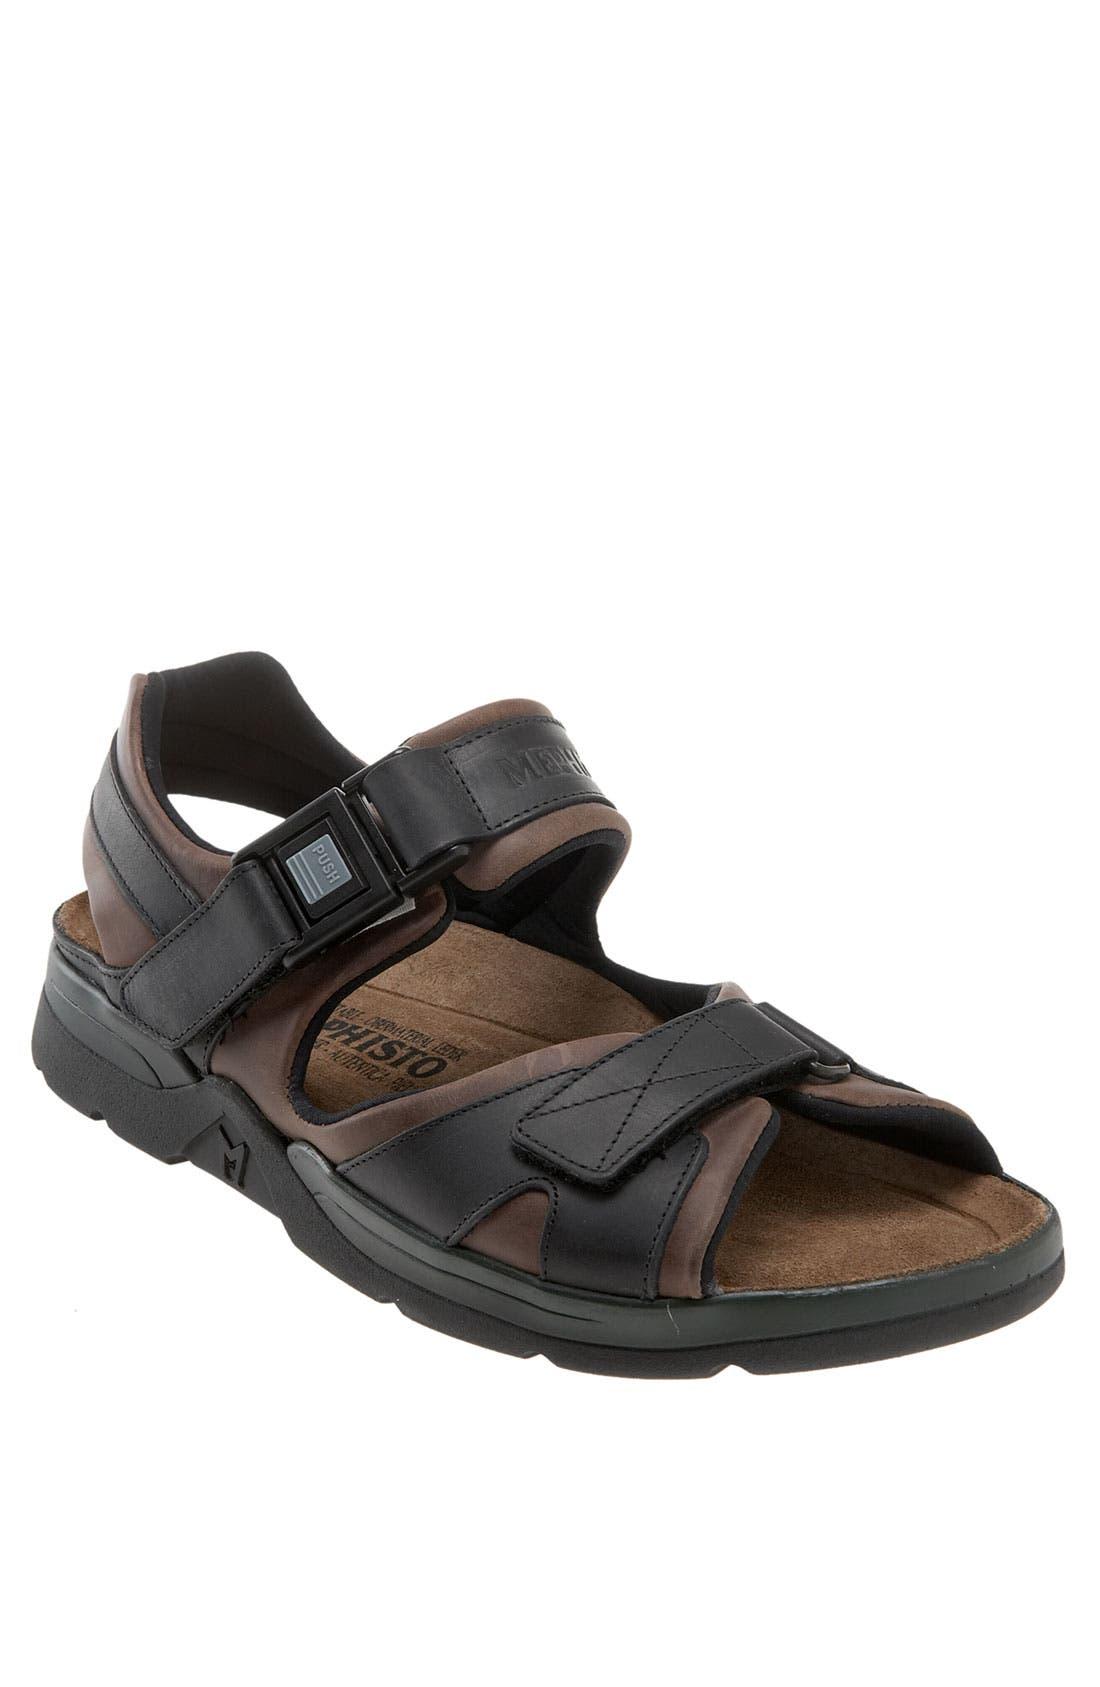 MEPHISTO 'Shark' Sandal